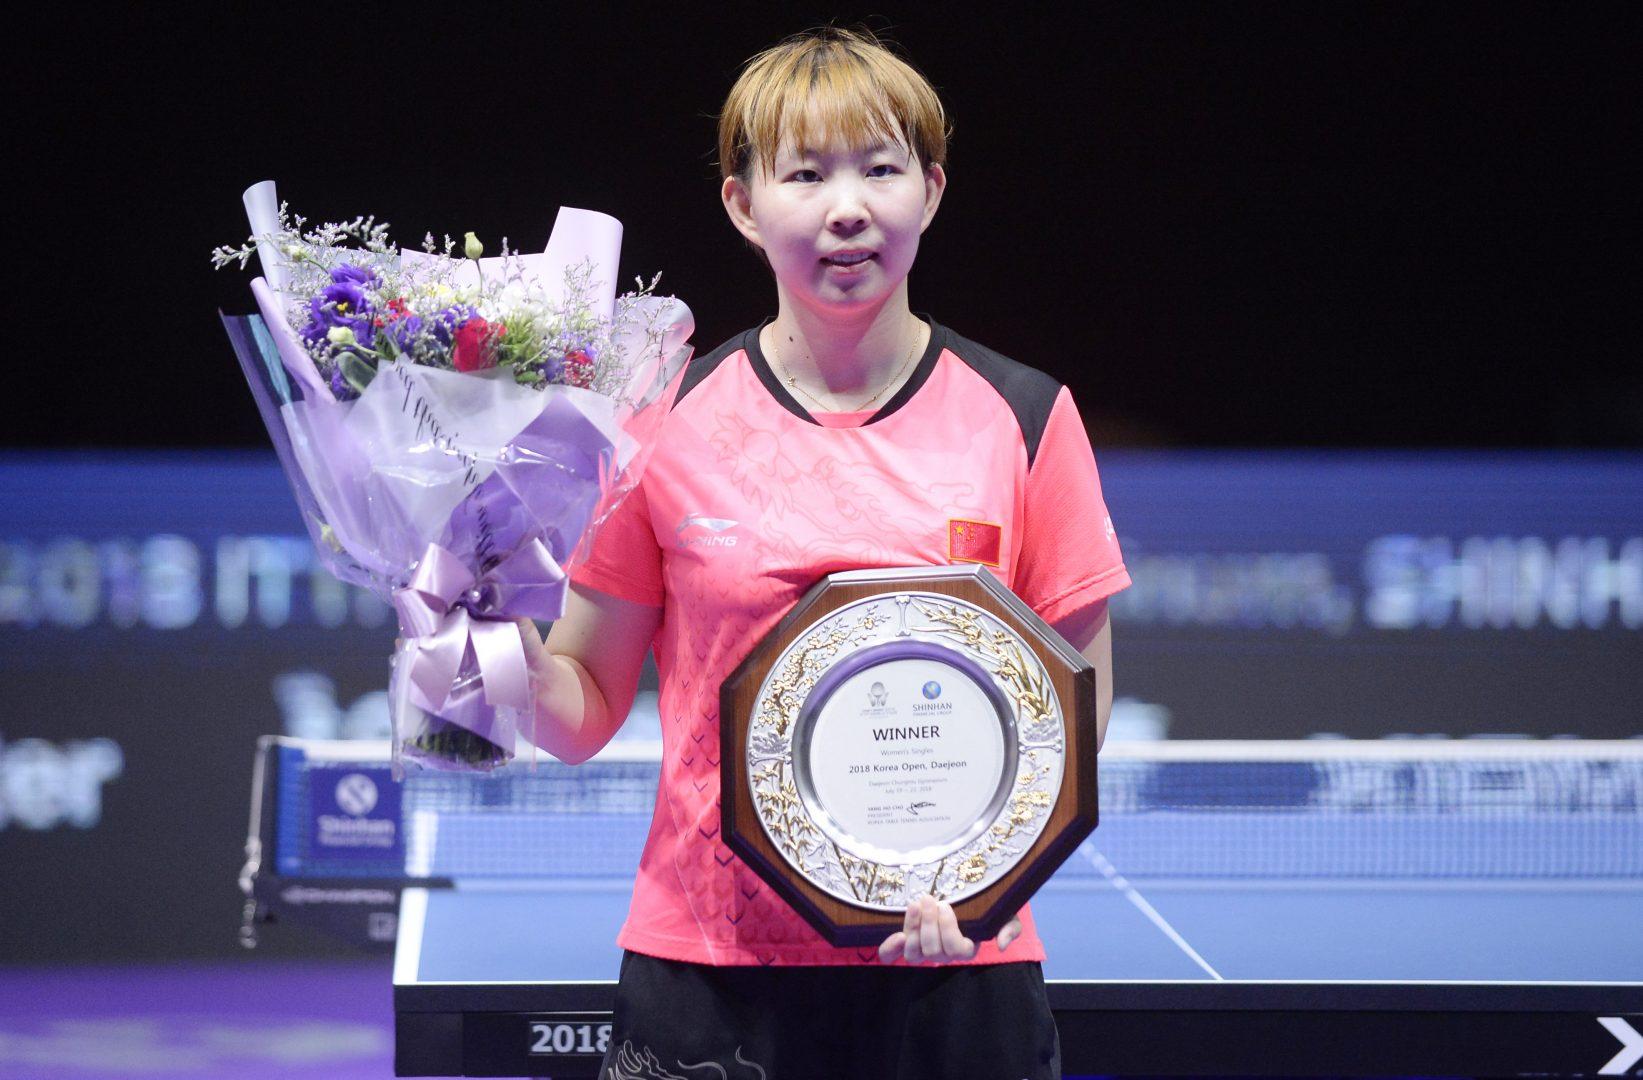 【卓球】世界ランク1位、中国・朱雨玲が同世代ライバル破り女子単優勝<ITTF韓国オープン 6日目女子の結果>